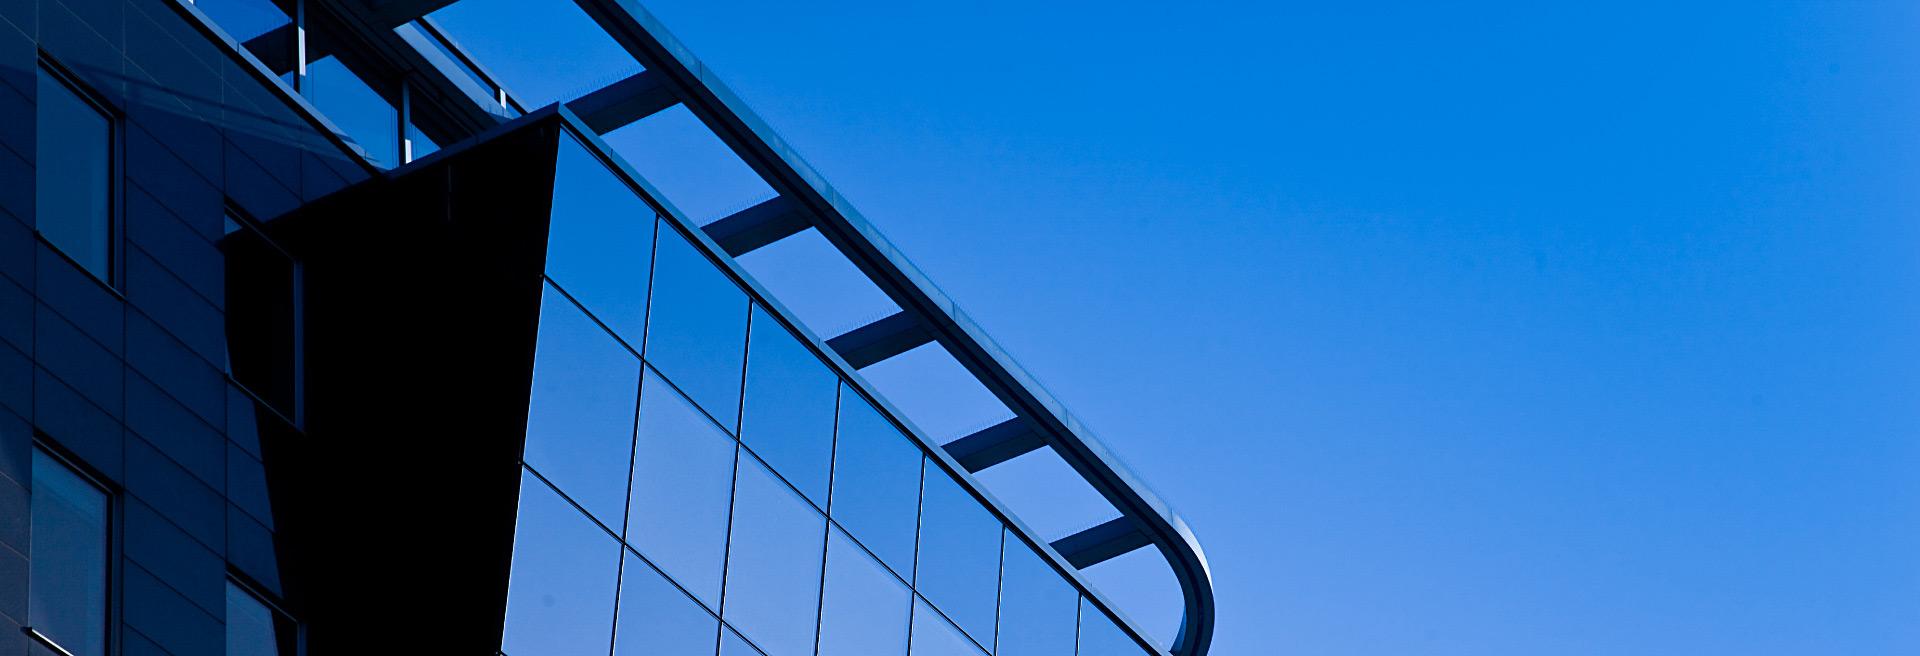 Grenoble déménagement de bureaux ou industriels